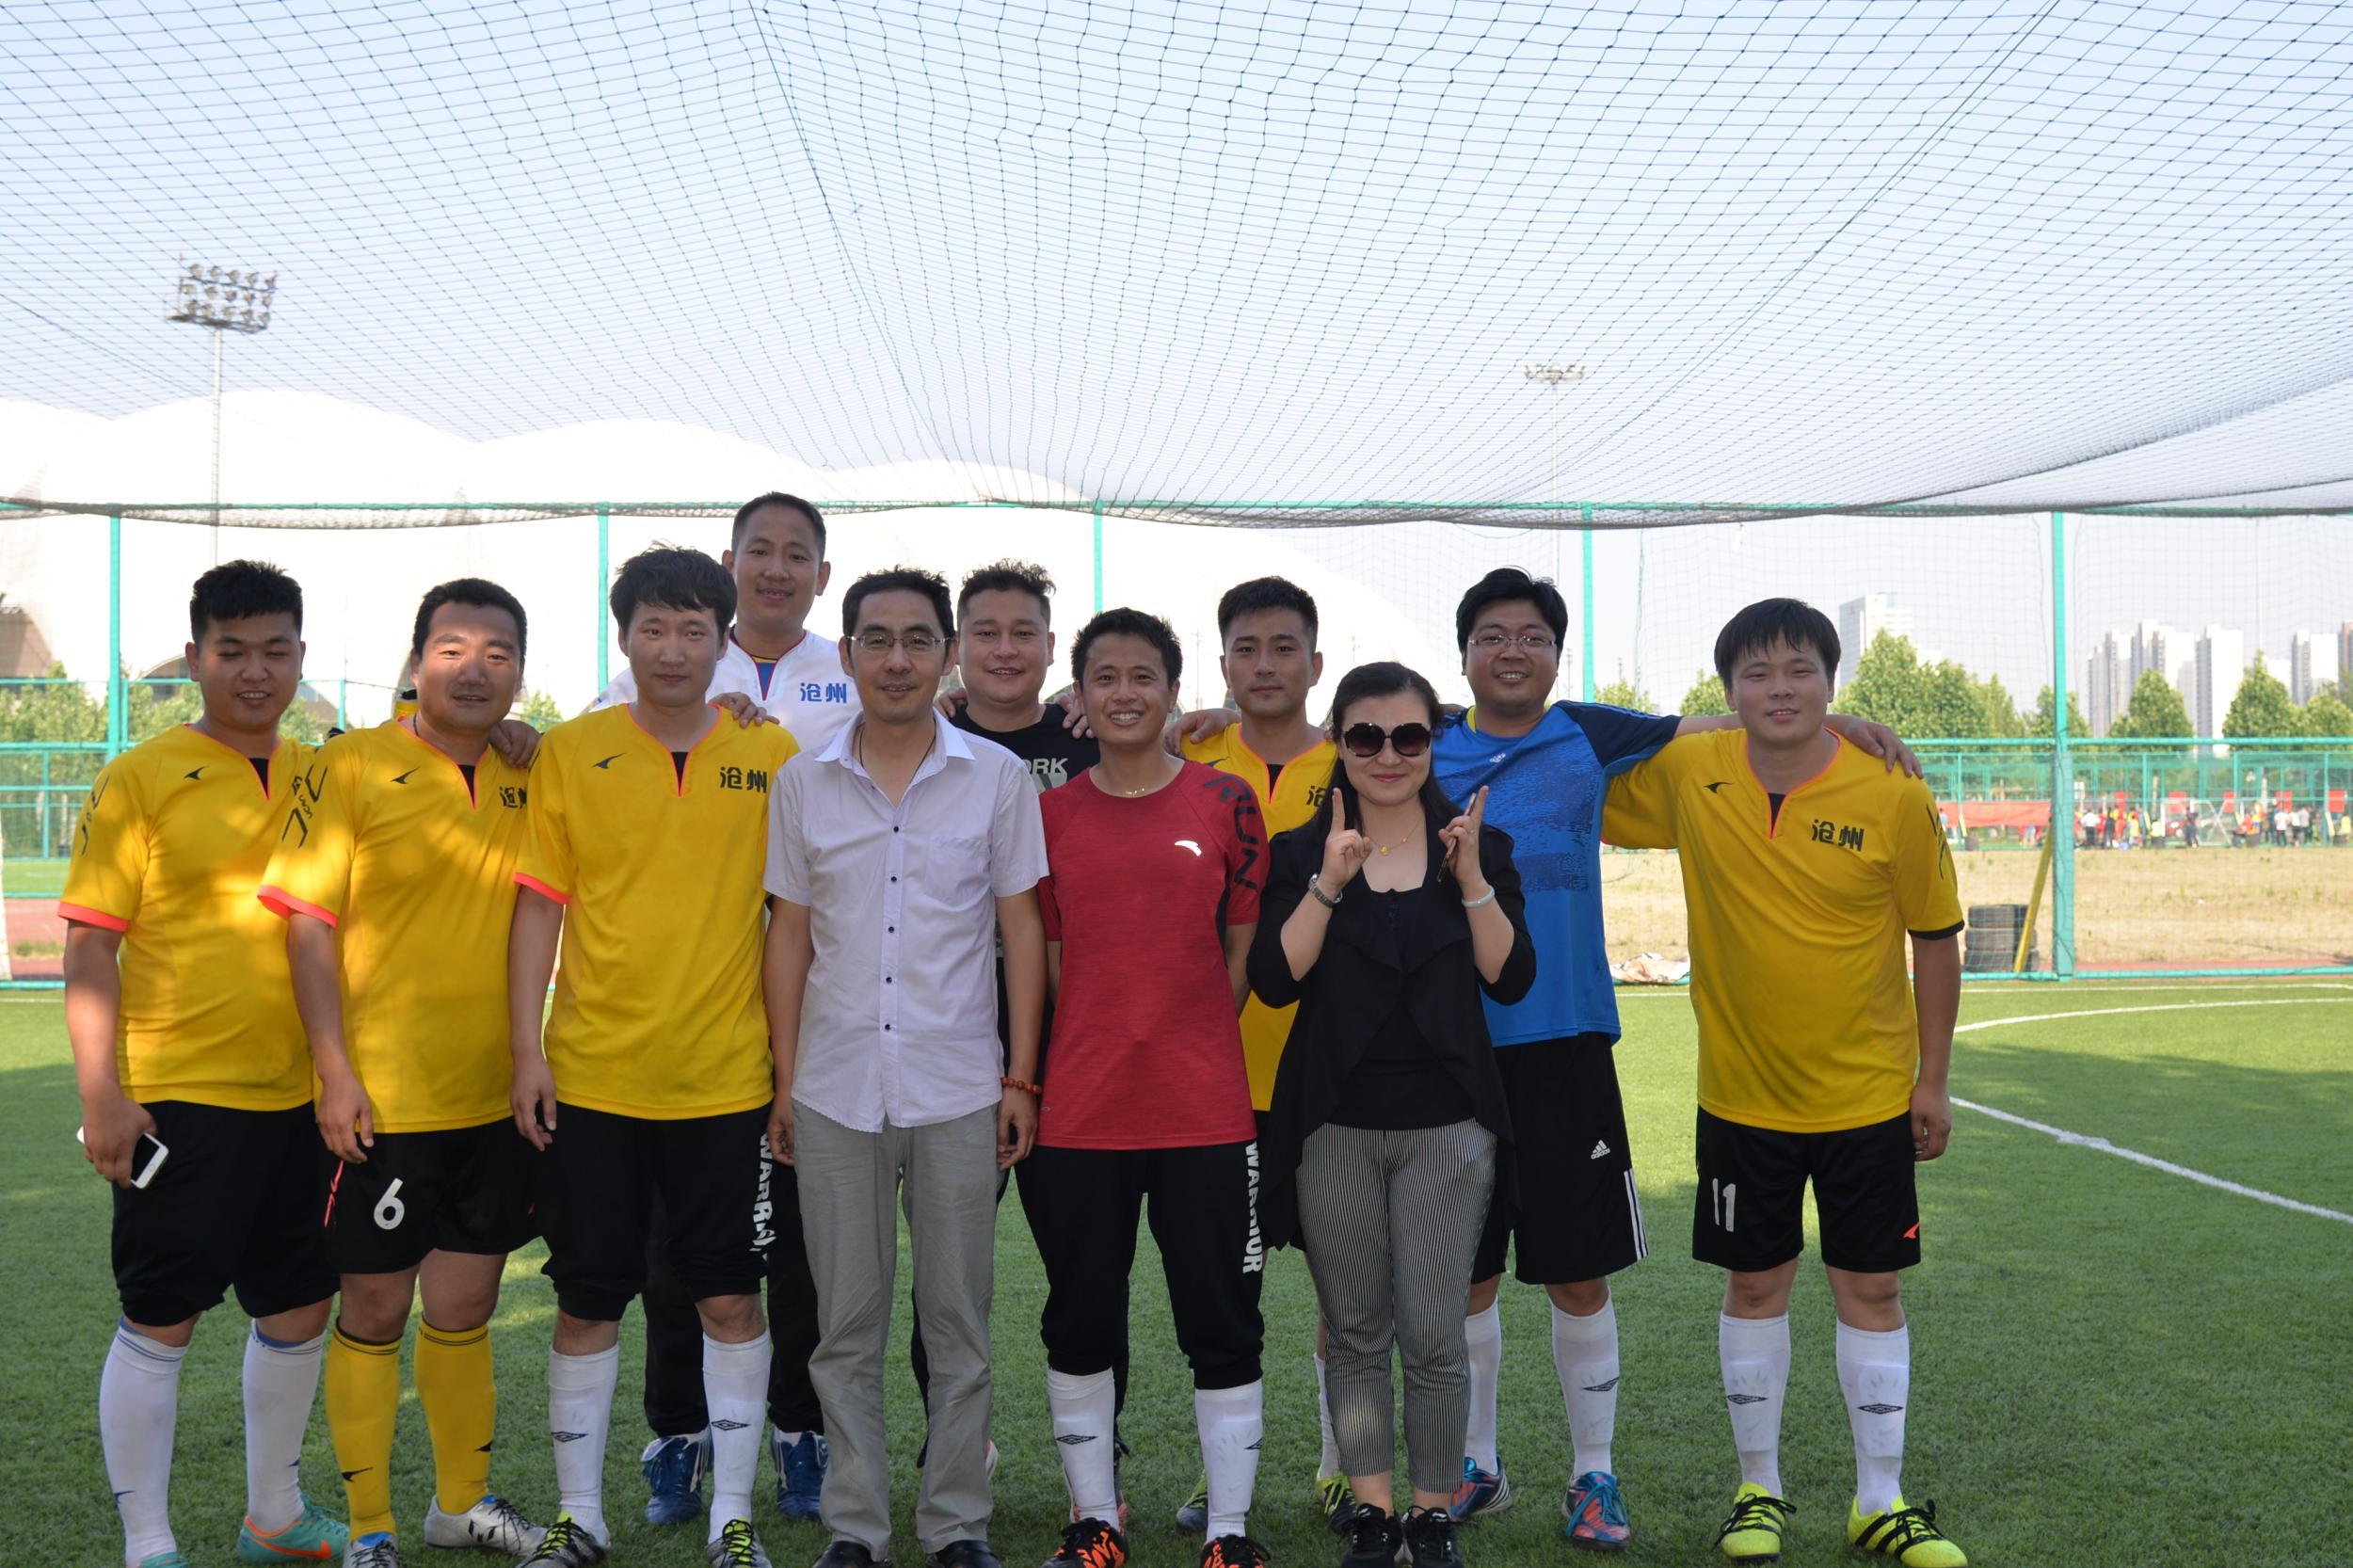 足球团体第一名